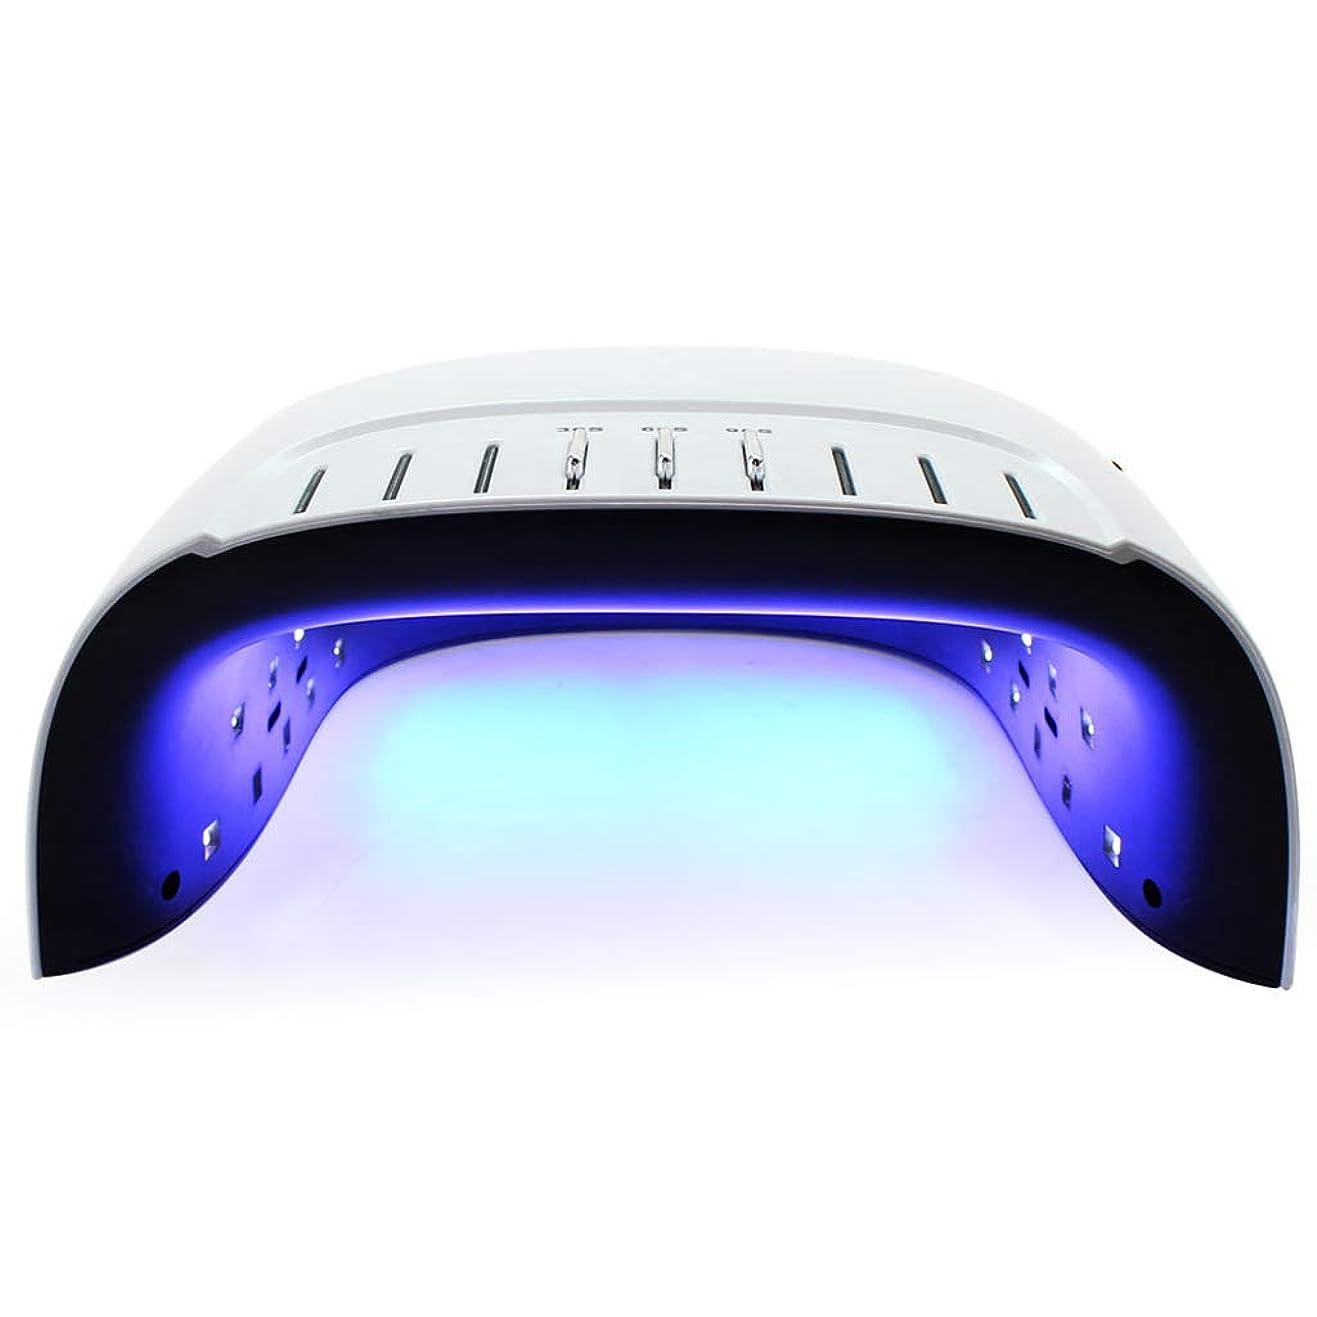 スマートネイル光線治療マシン、60Wオートセンシングデジタルディスプレイ痛み防止モード速乾性ネイルツール